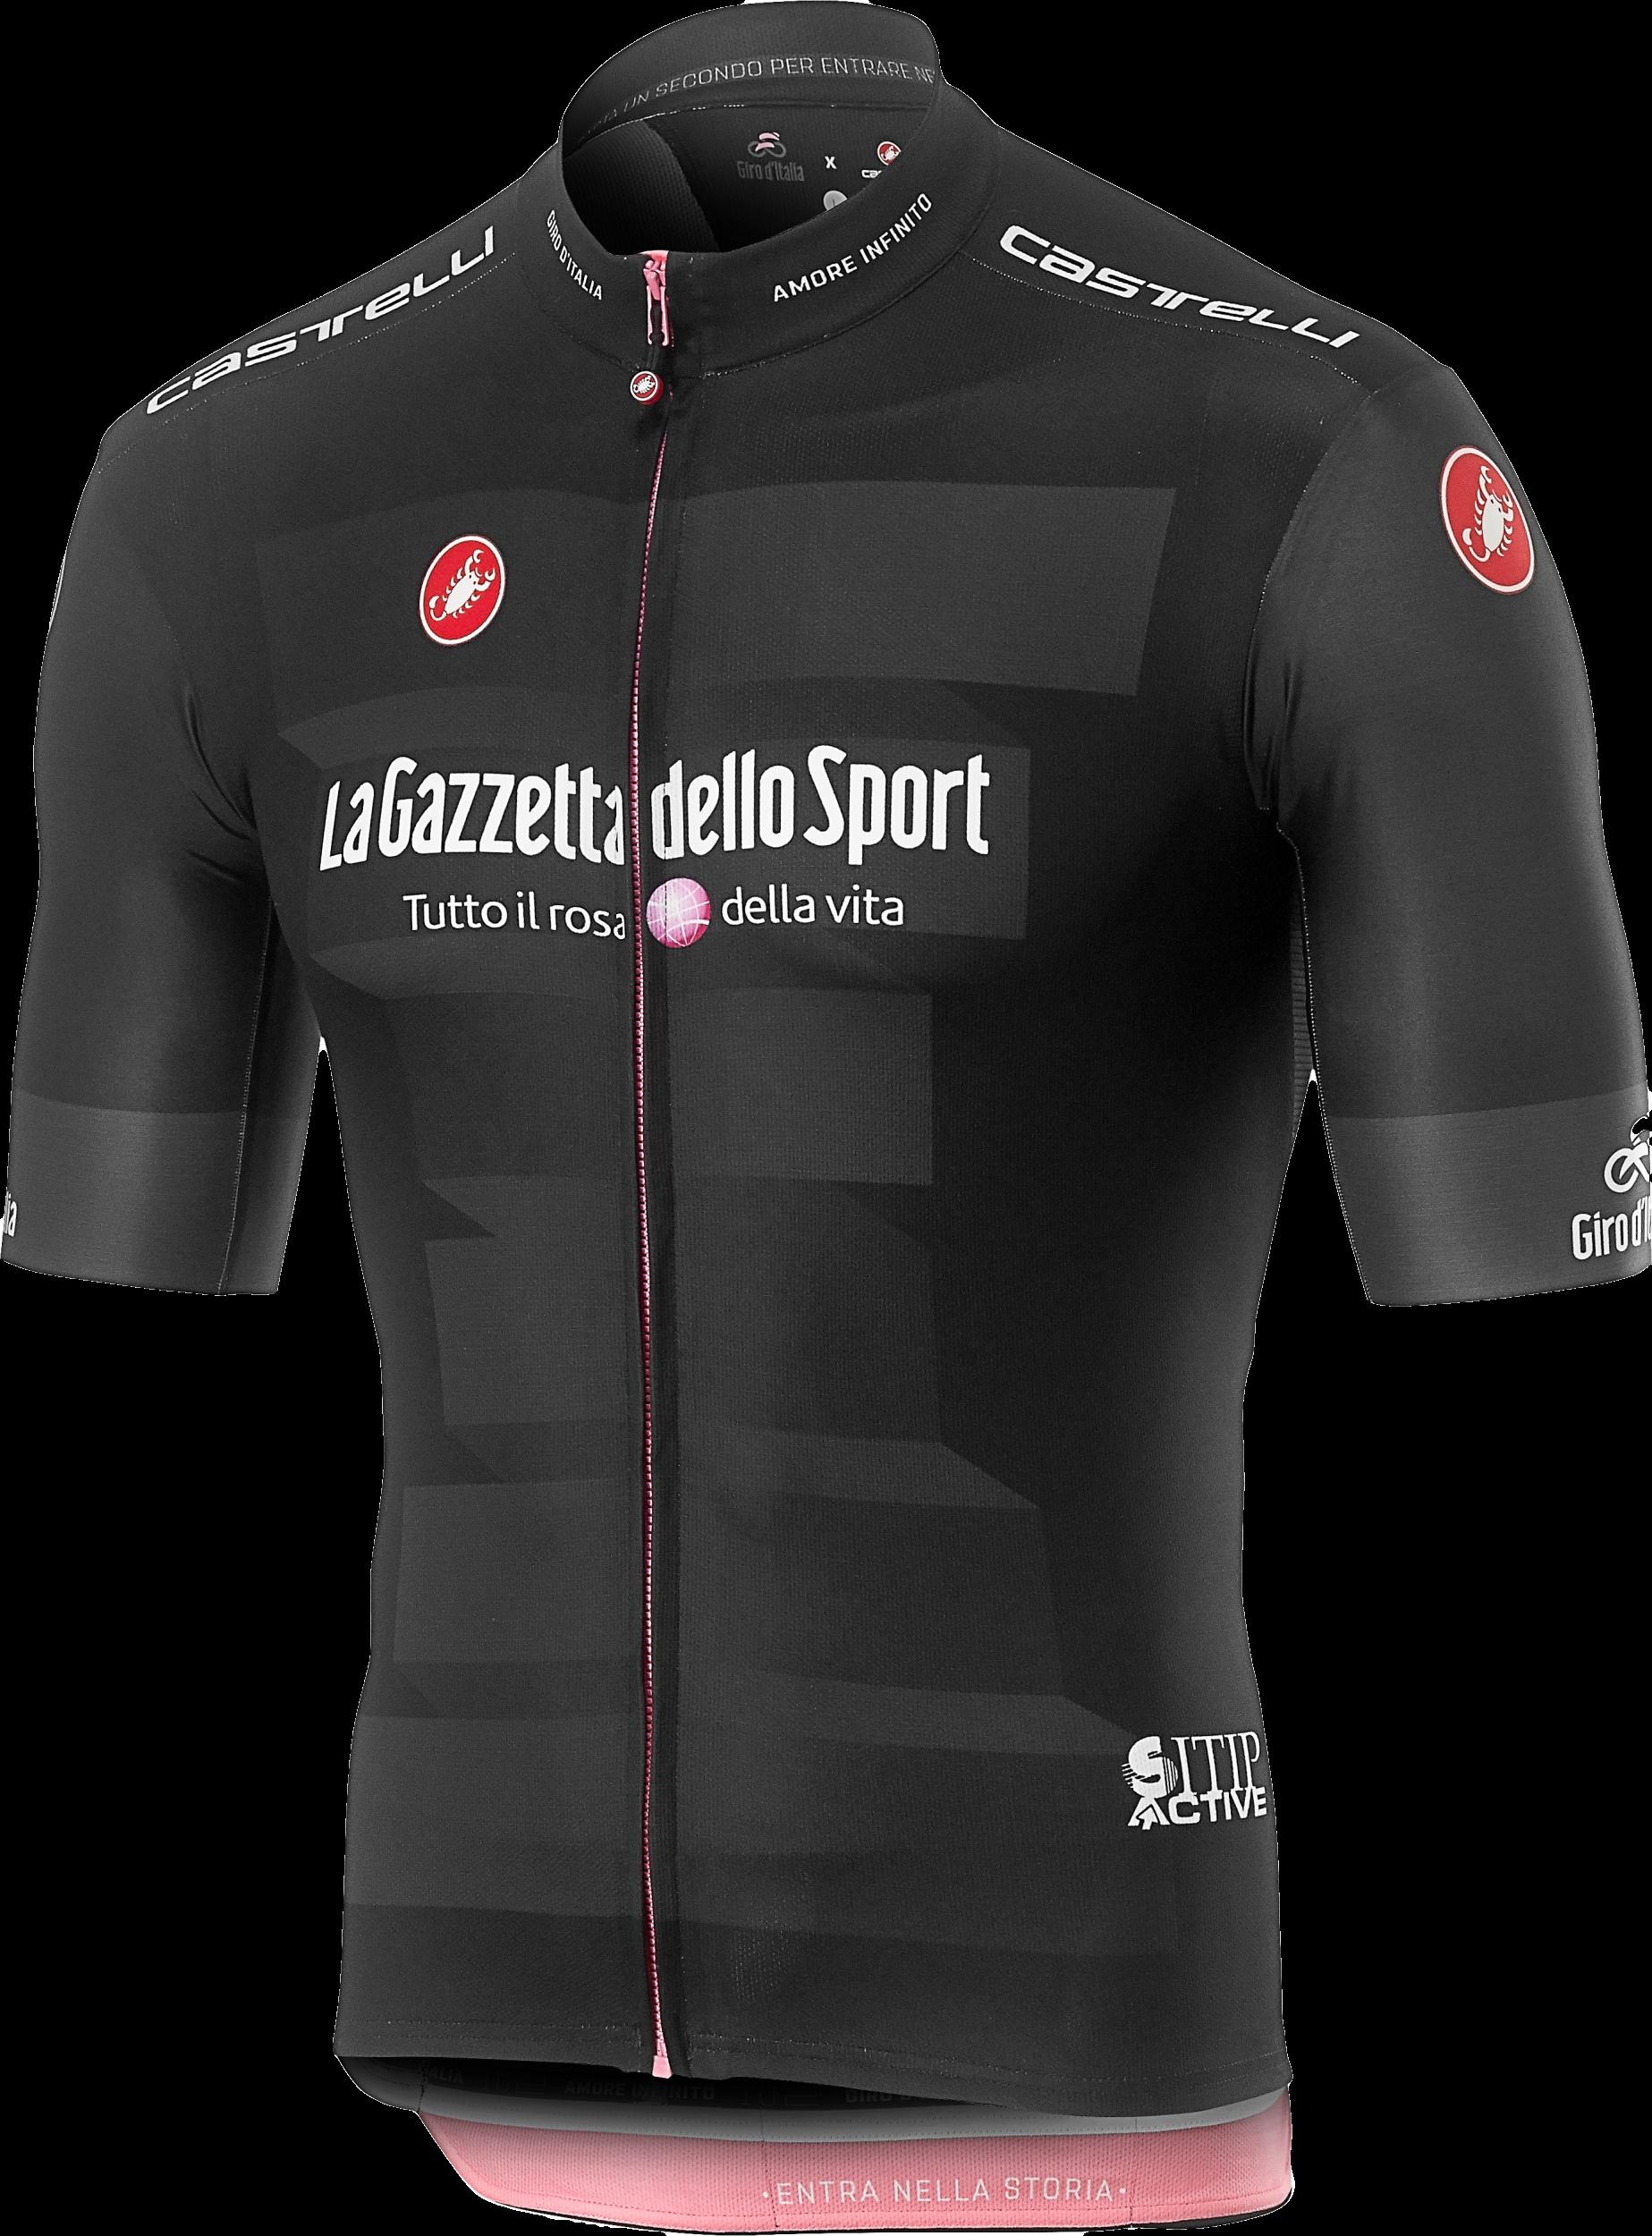 Maglia Nera Giro d'Italia 2019